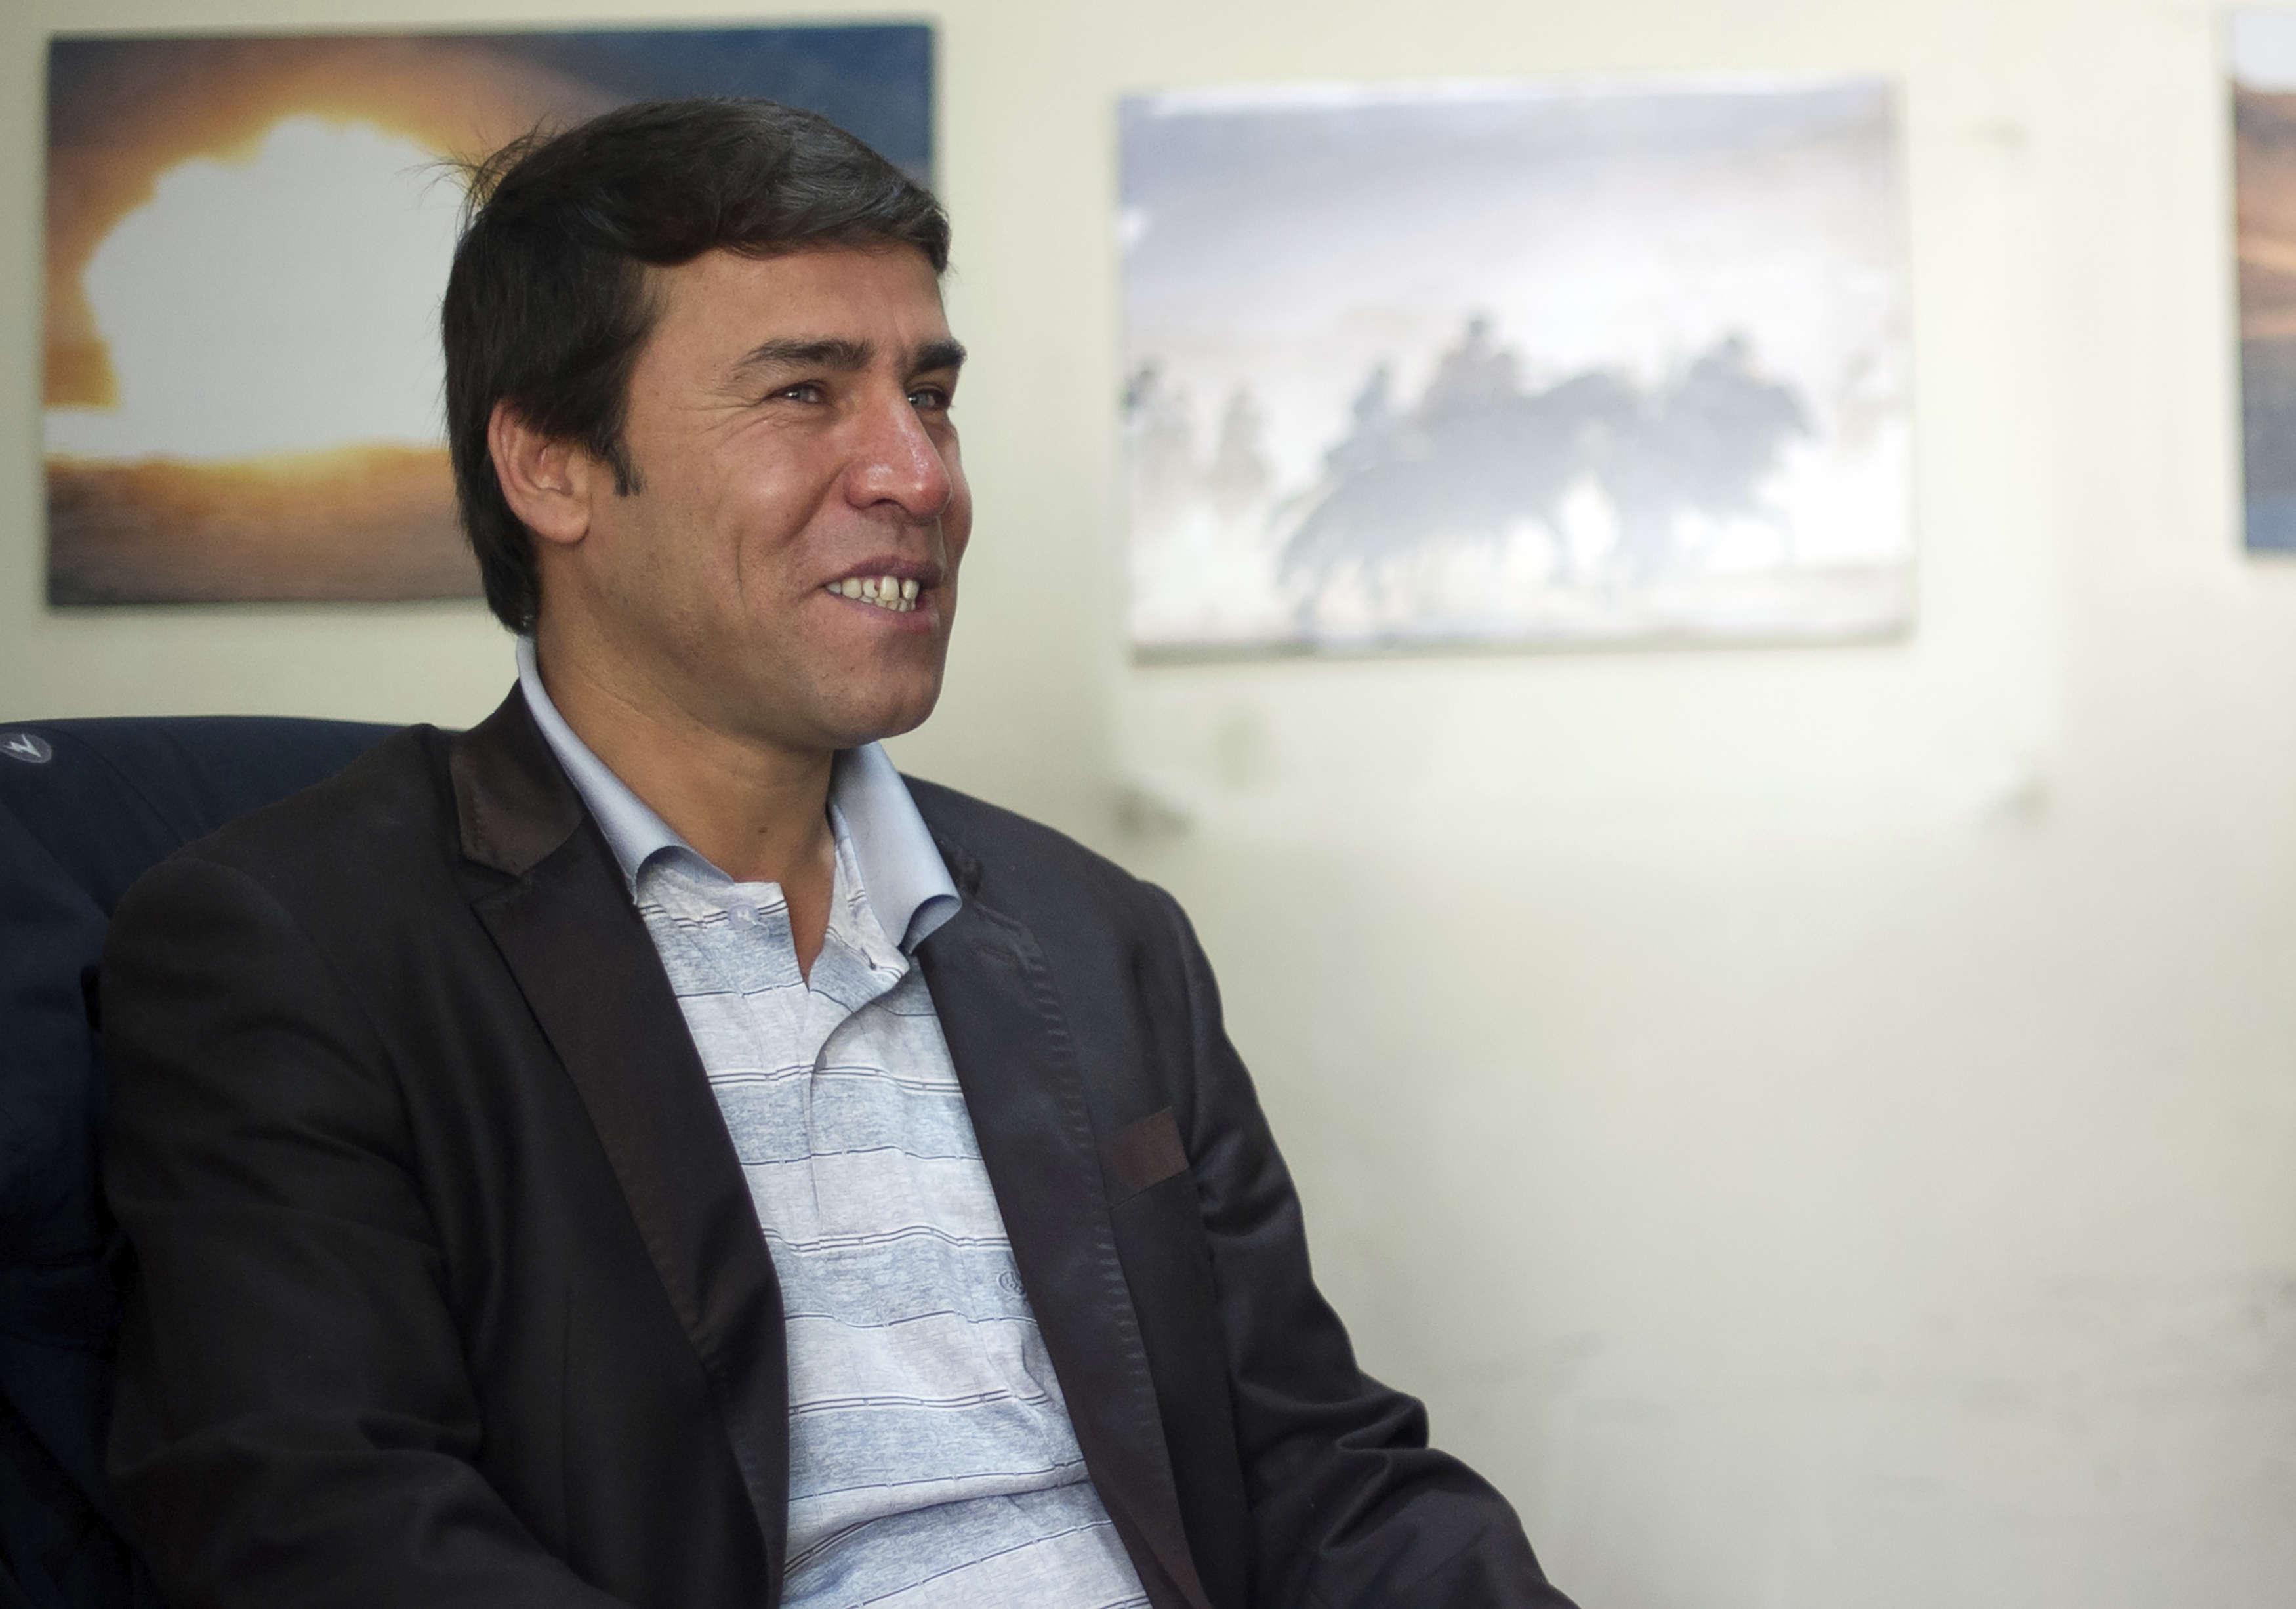 A l'AFP depuis 22 ans, Shah Marai est mort à Kaboul le 30 avril d'une attaque à la bombe revendiquée par l'organisation Etat islamique.